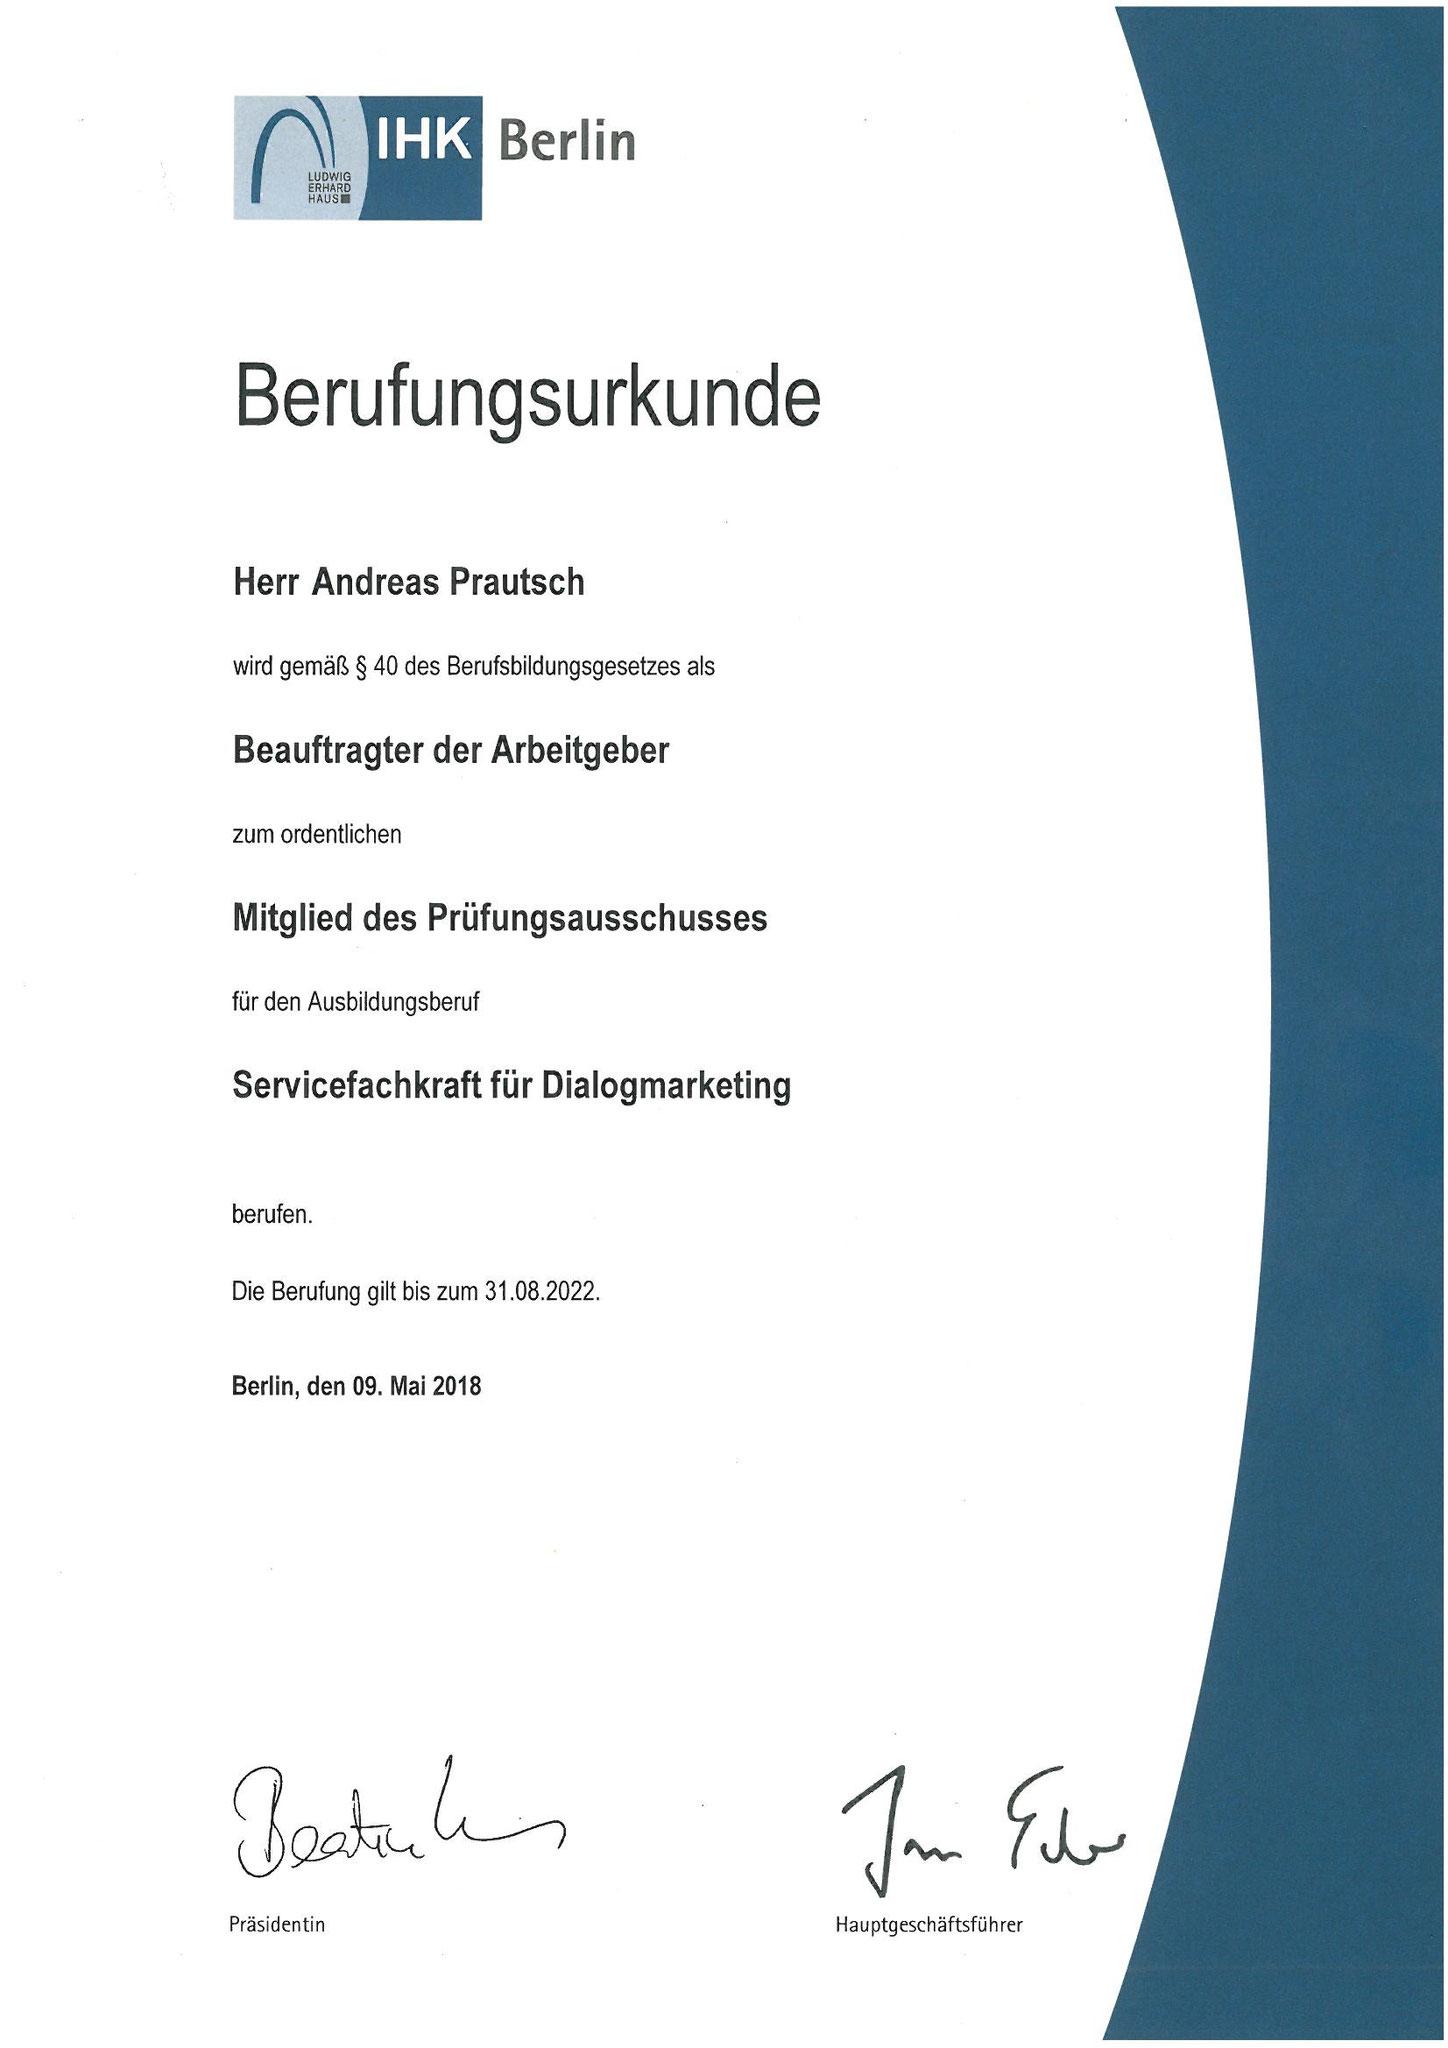 Prüfer im Prüfungsausschuss Dialogmarketing (Servicefachkräfte) - 2018